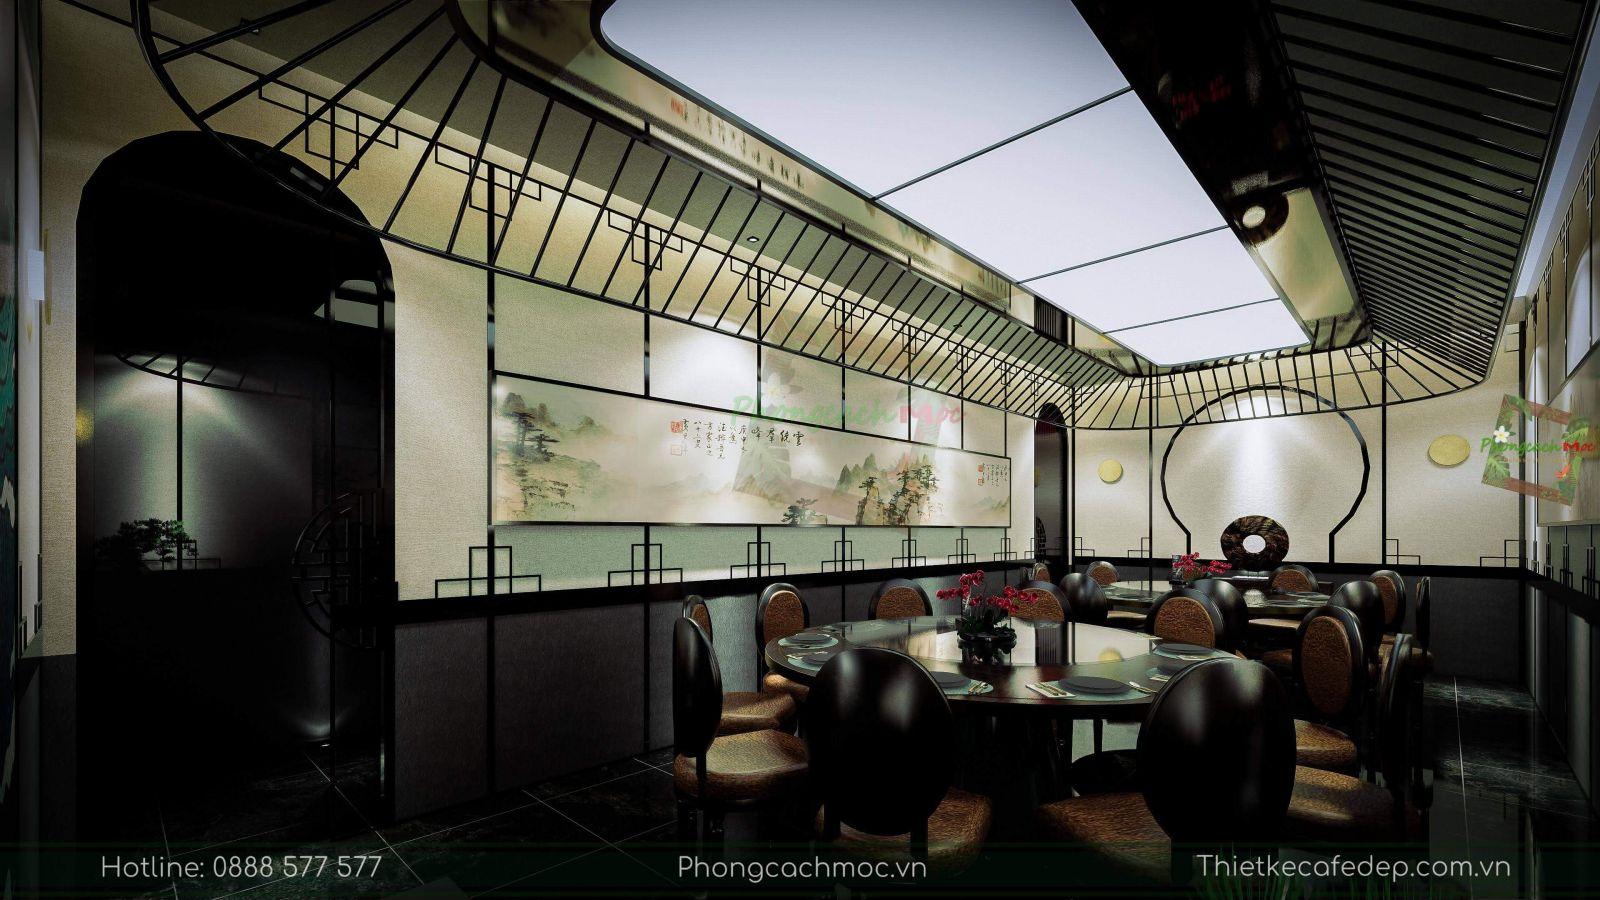 thiết kế nhà hàng trung hoa - nội thất phòng vip 2 - 3